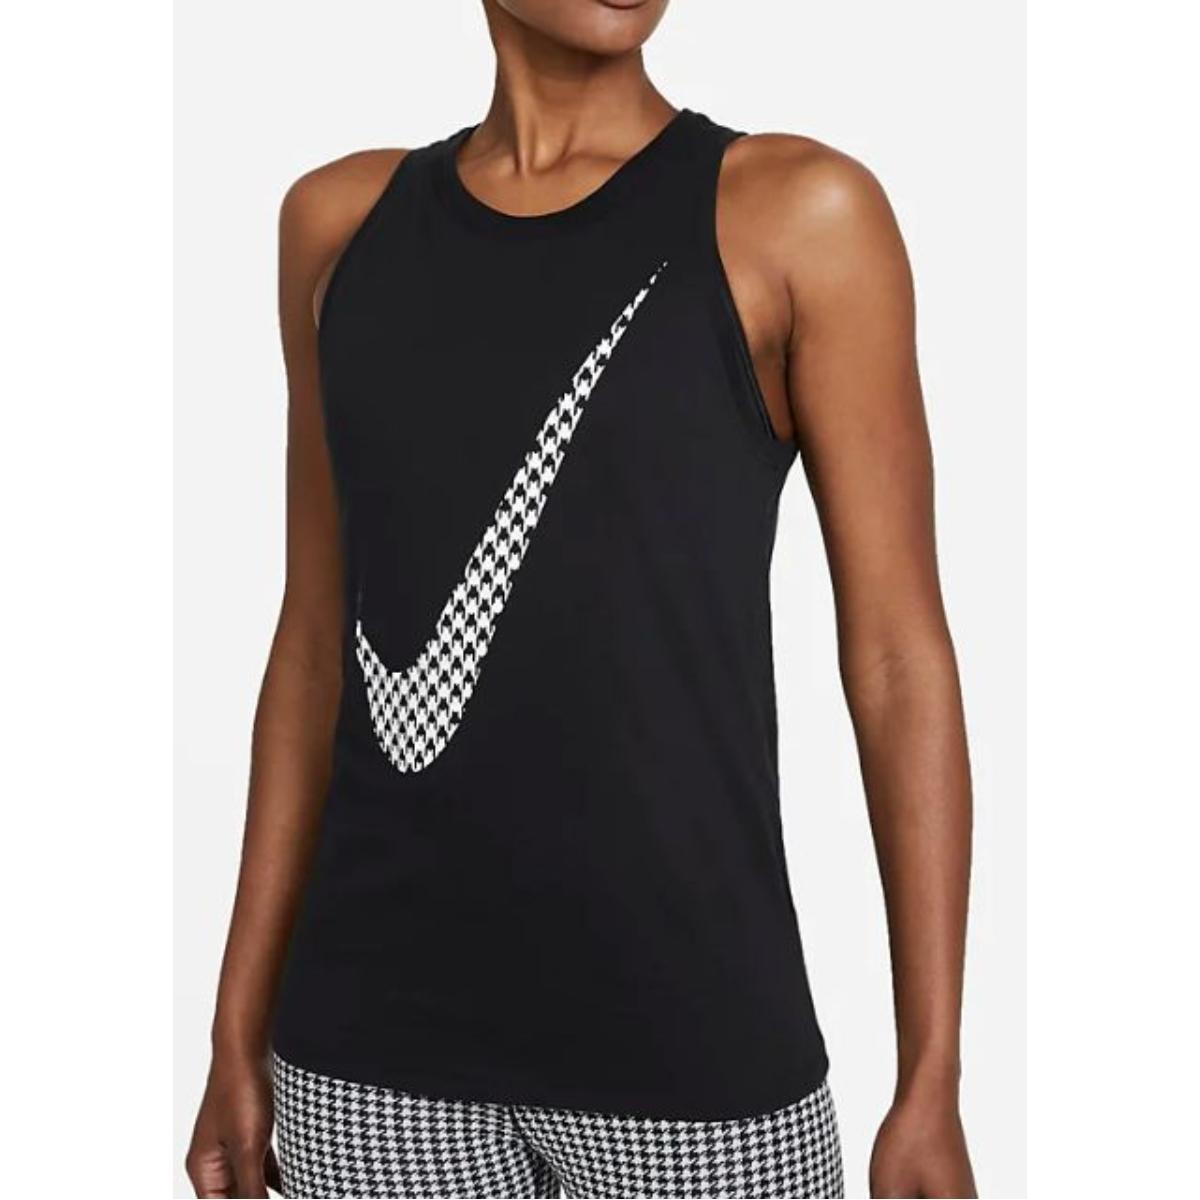 Regata Feminina Nike Dj1742-010 Dri-fit Icon Preto/branco